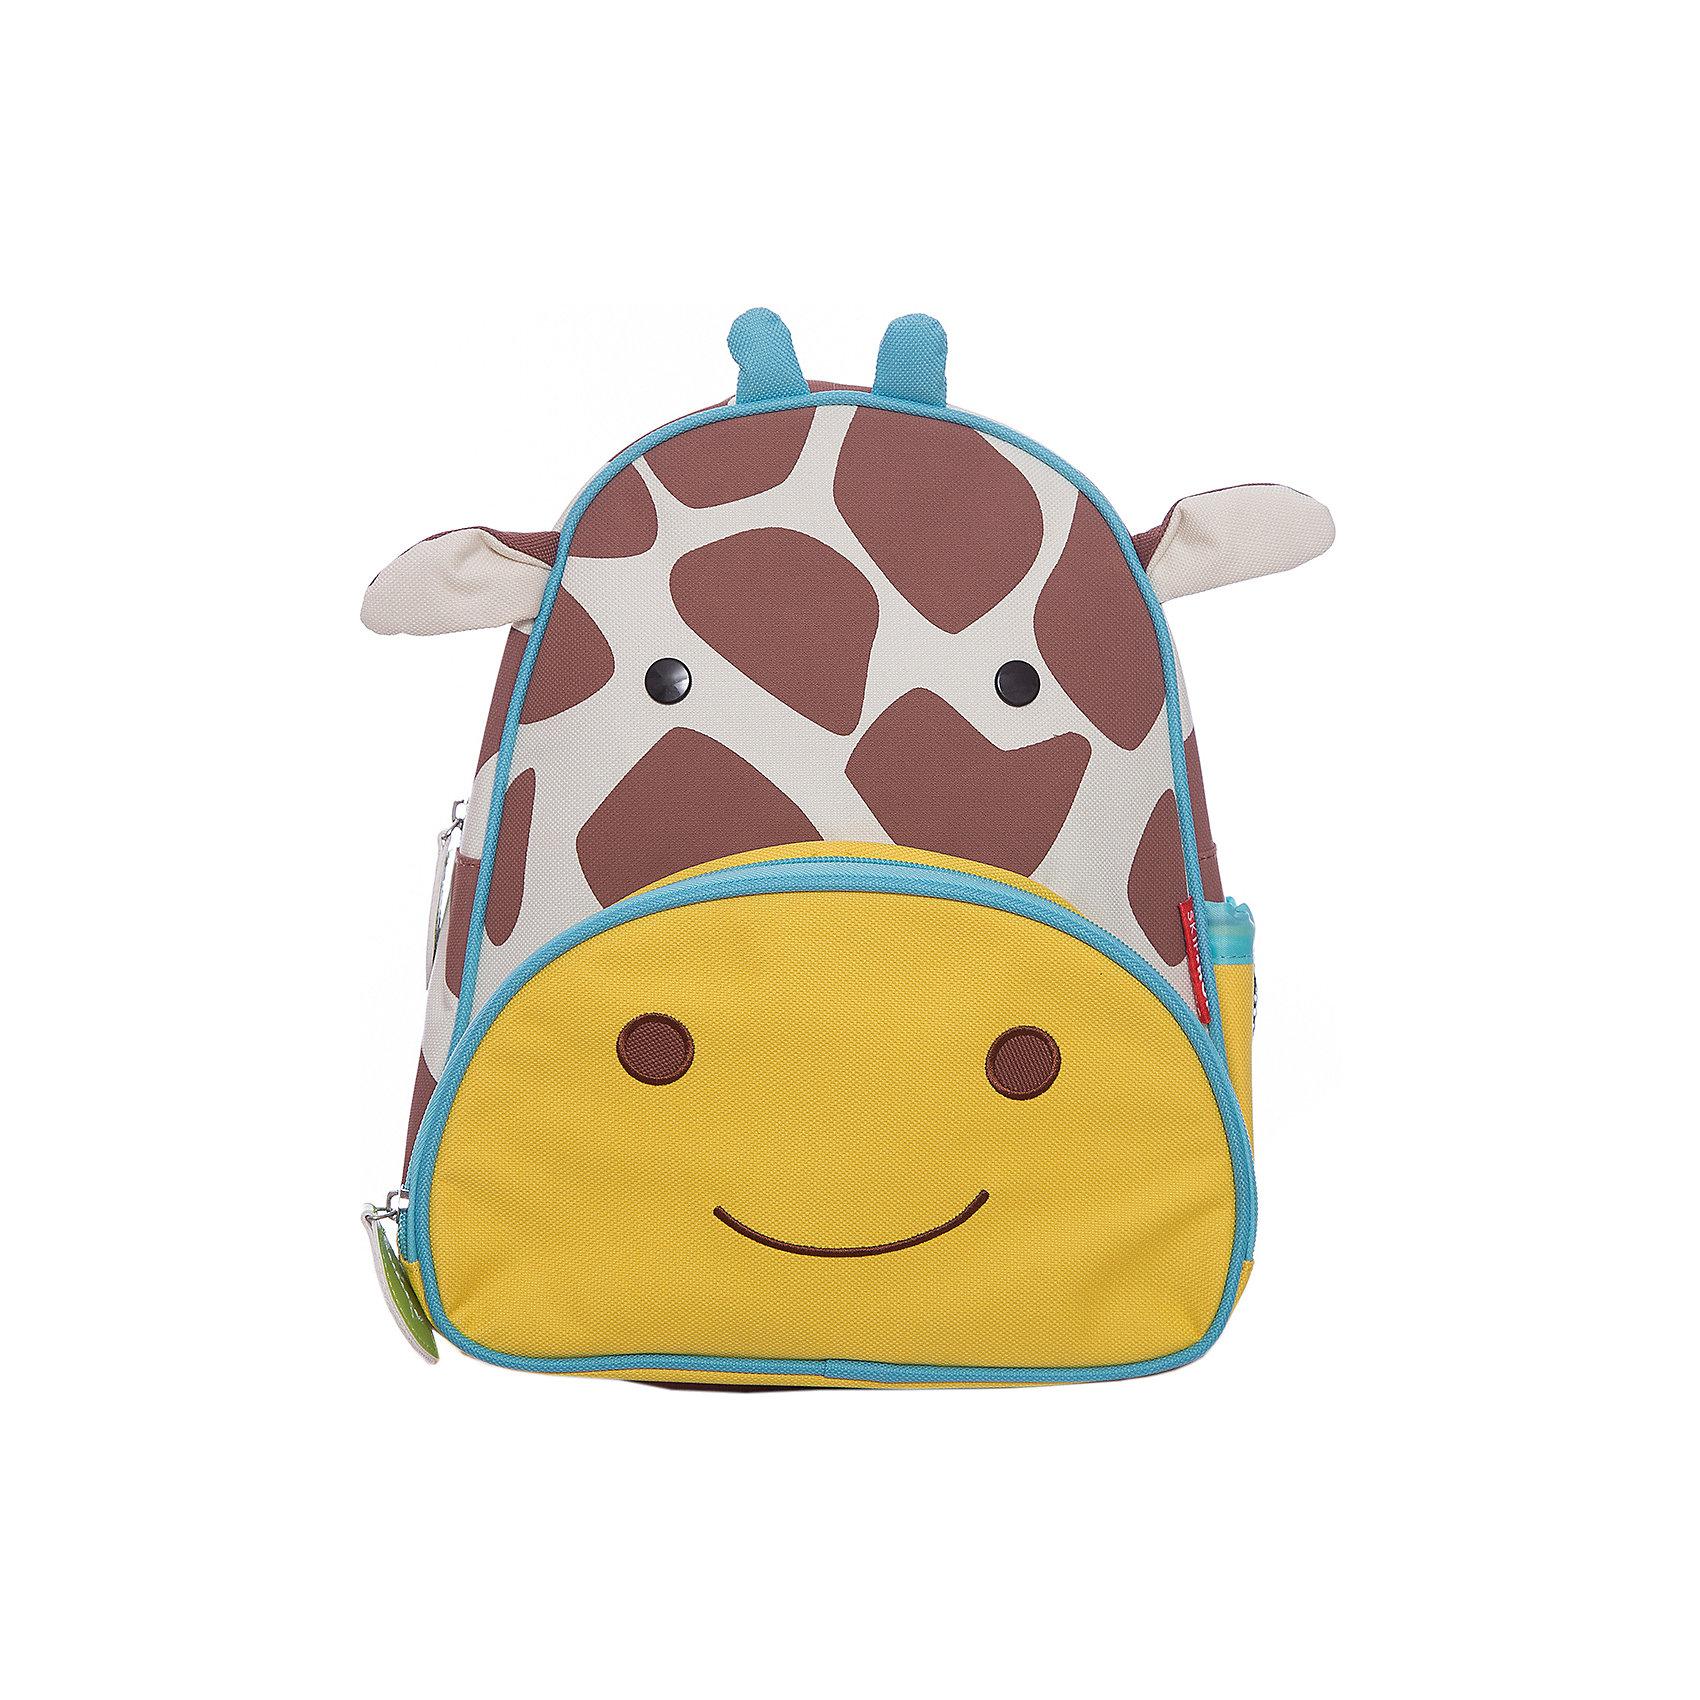 Рюкзак детский Жираф, Skip HopДетские рюкзаки<br>Характеристики товара:<br><br>• возраст от 3 лет;<br>• материал: полиэстер;<br>• размер рюкзака 25х29х11 см;<br>• вес рюкзака 270 гр.;<br>• страна производитель: Китай.<br><br>Рюкзак детский «Жираф» Skip Hop выполнен в виде пятнистого жирафа с глазками и ушками. На молниях висят брелки в виде листочка. Ребенок сможет брать с собой все необходимое на прогулку, в детский садик, в гости, на дачу. В основном отделении поместятся тетради, альбомы, блокноты, карандаши, фломастеры. Спереди кармашек для дополнительных мелочей, а сбоку для бутылочки с напитком или бокса для еды. <br><br>Мягкие регулируемые лямки обеспечивают комфортное ношение. Предусмотрена небольшая ручка для переноски в руках или подвешивания. Рюкзак выполнен из прочной качественной ткани. Его можно стирать в стиральной машине.<br><br>Рюкзак детский «Жираф» Skip Hop можно приобрести в нашем интернет-магазине.<br><br>Ширина мм: 290<br>Глубина мм: 50<br>Высота мм: 320<br>Вес г: 350<br>Возраст от месяцев: 24<br>Возраст до месяцев: 72<br>Пол: Унисекс<br>Возраст: Детский<br>SKU: 5608249